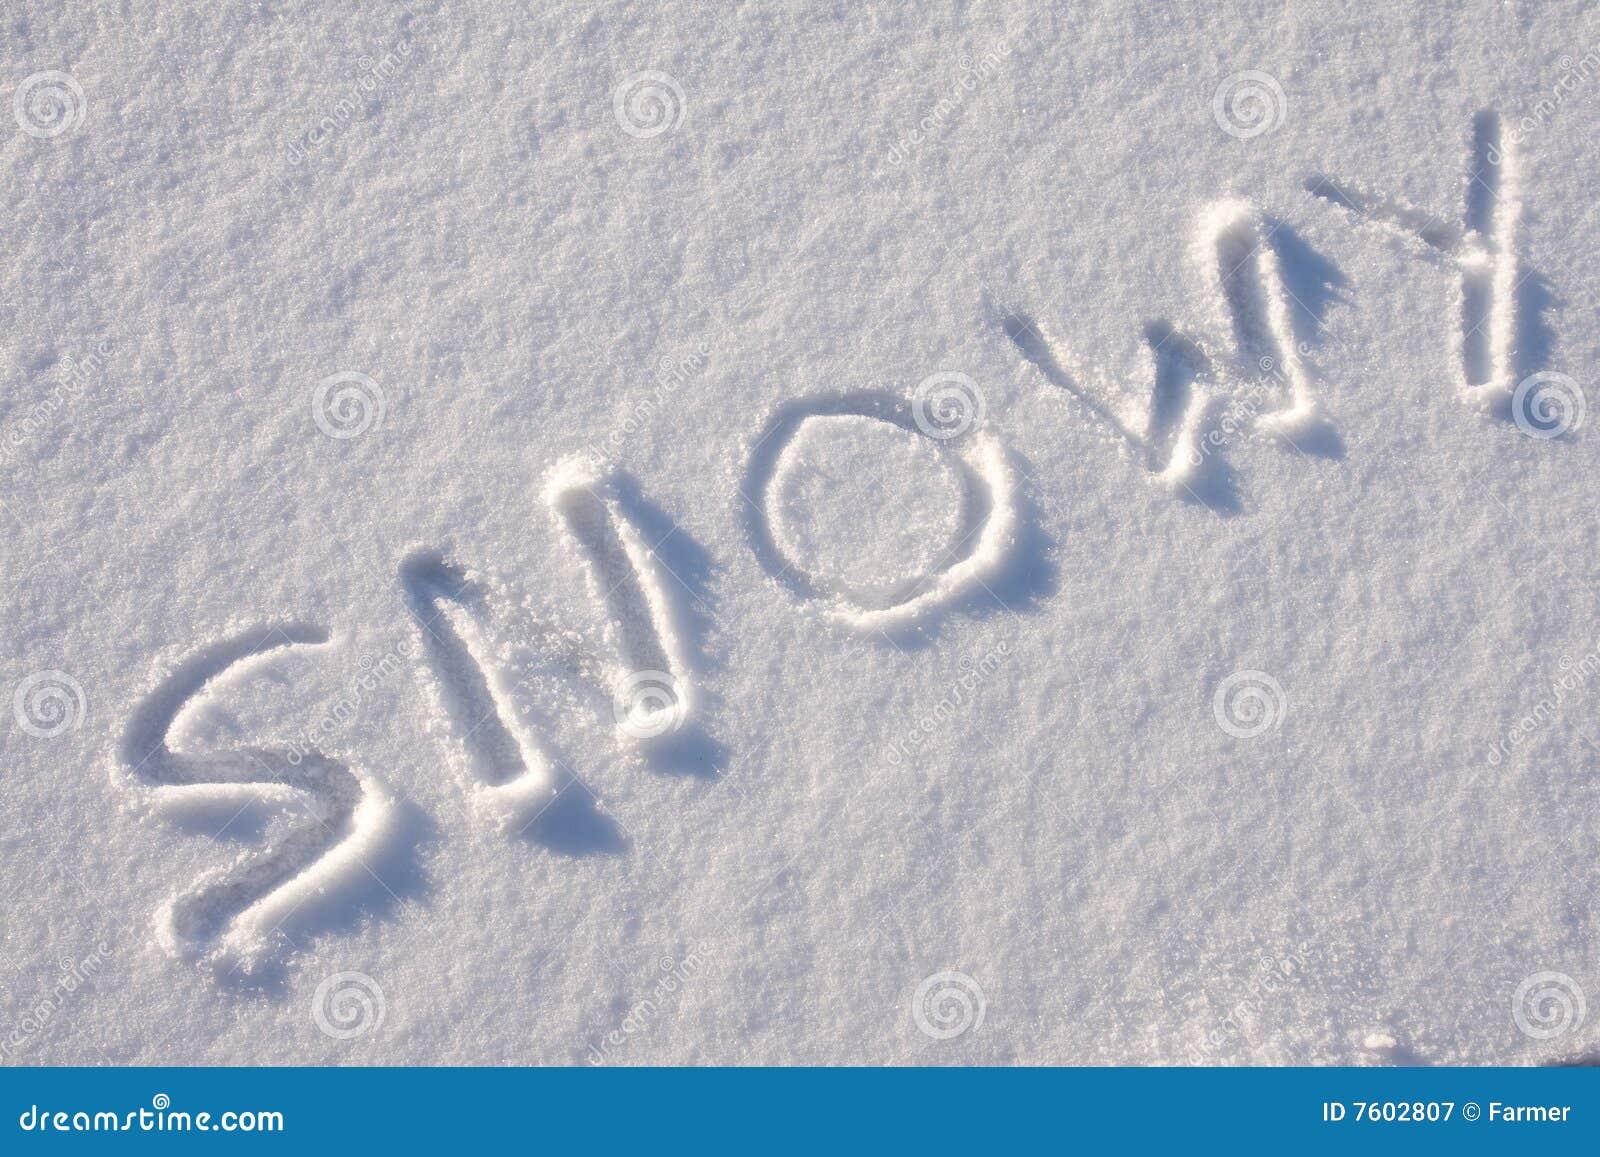 С первым снегом надпись фото 3